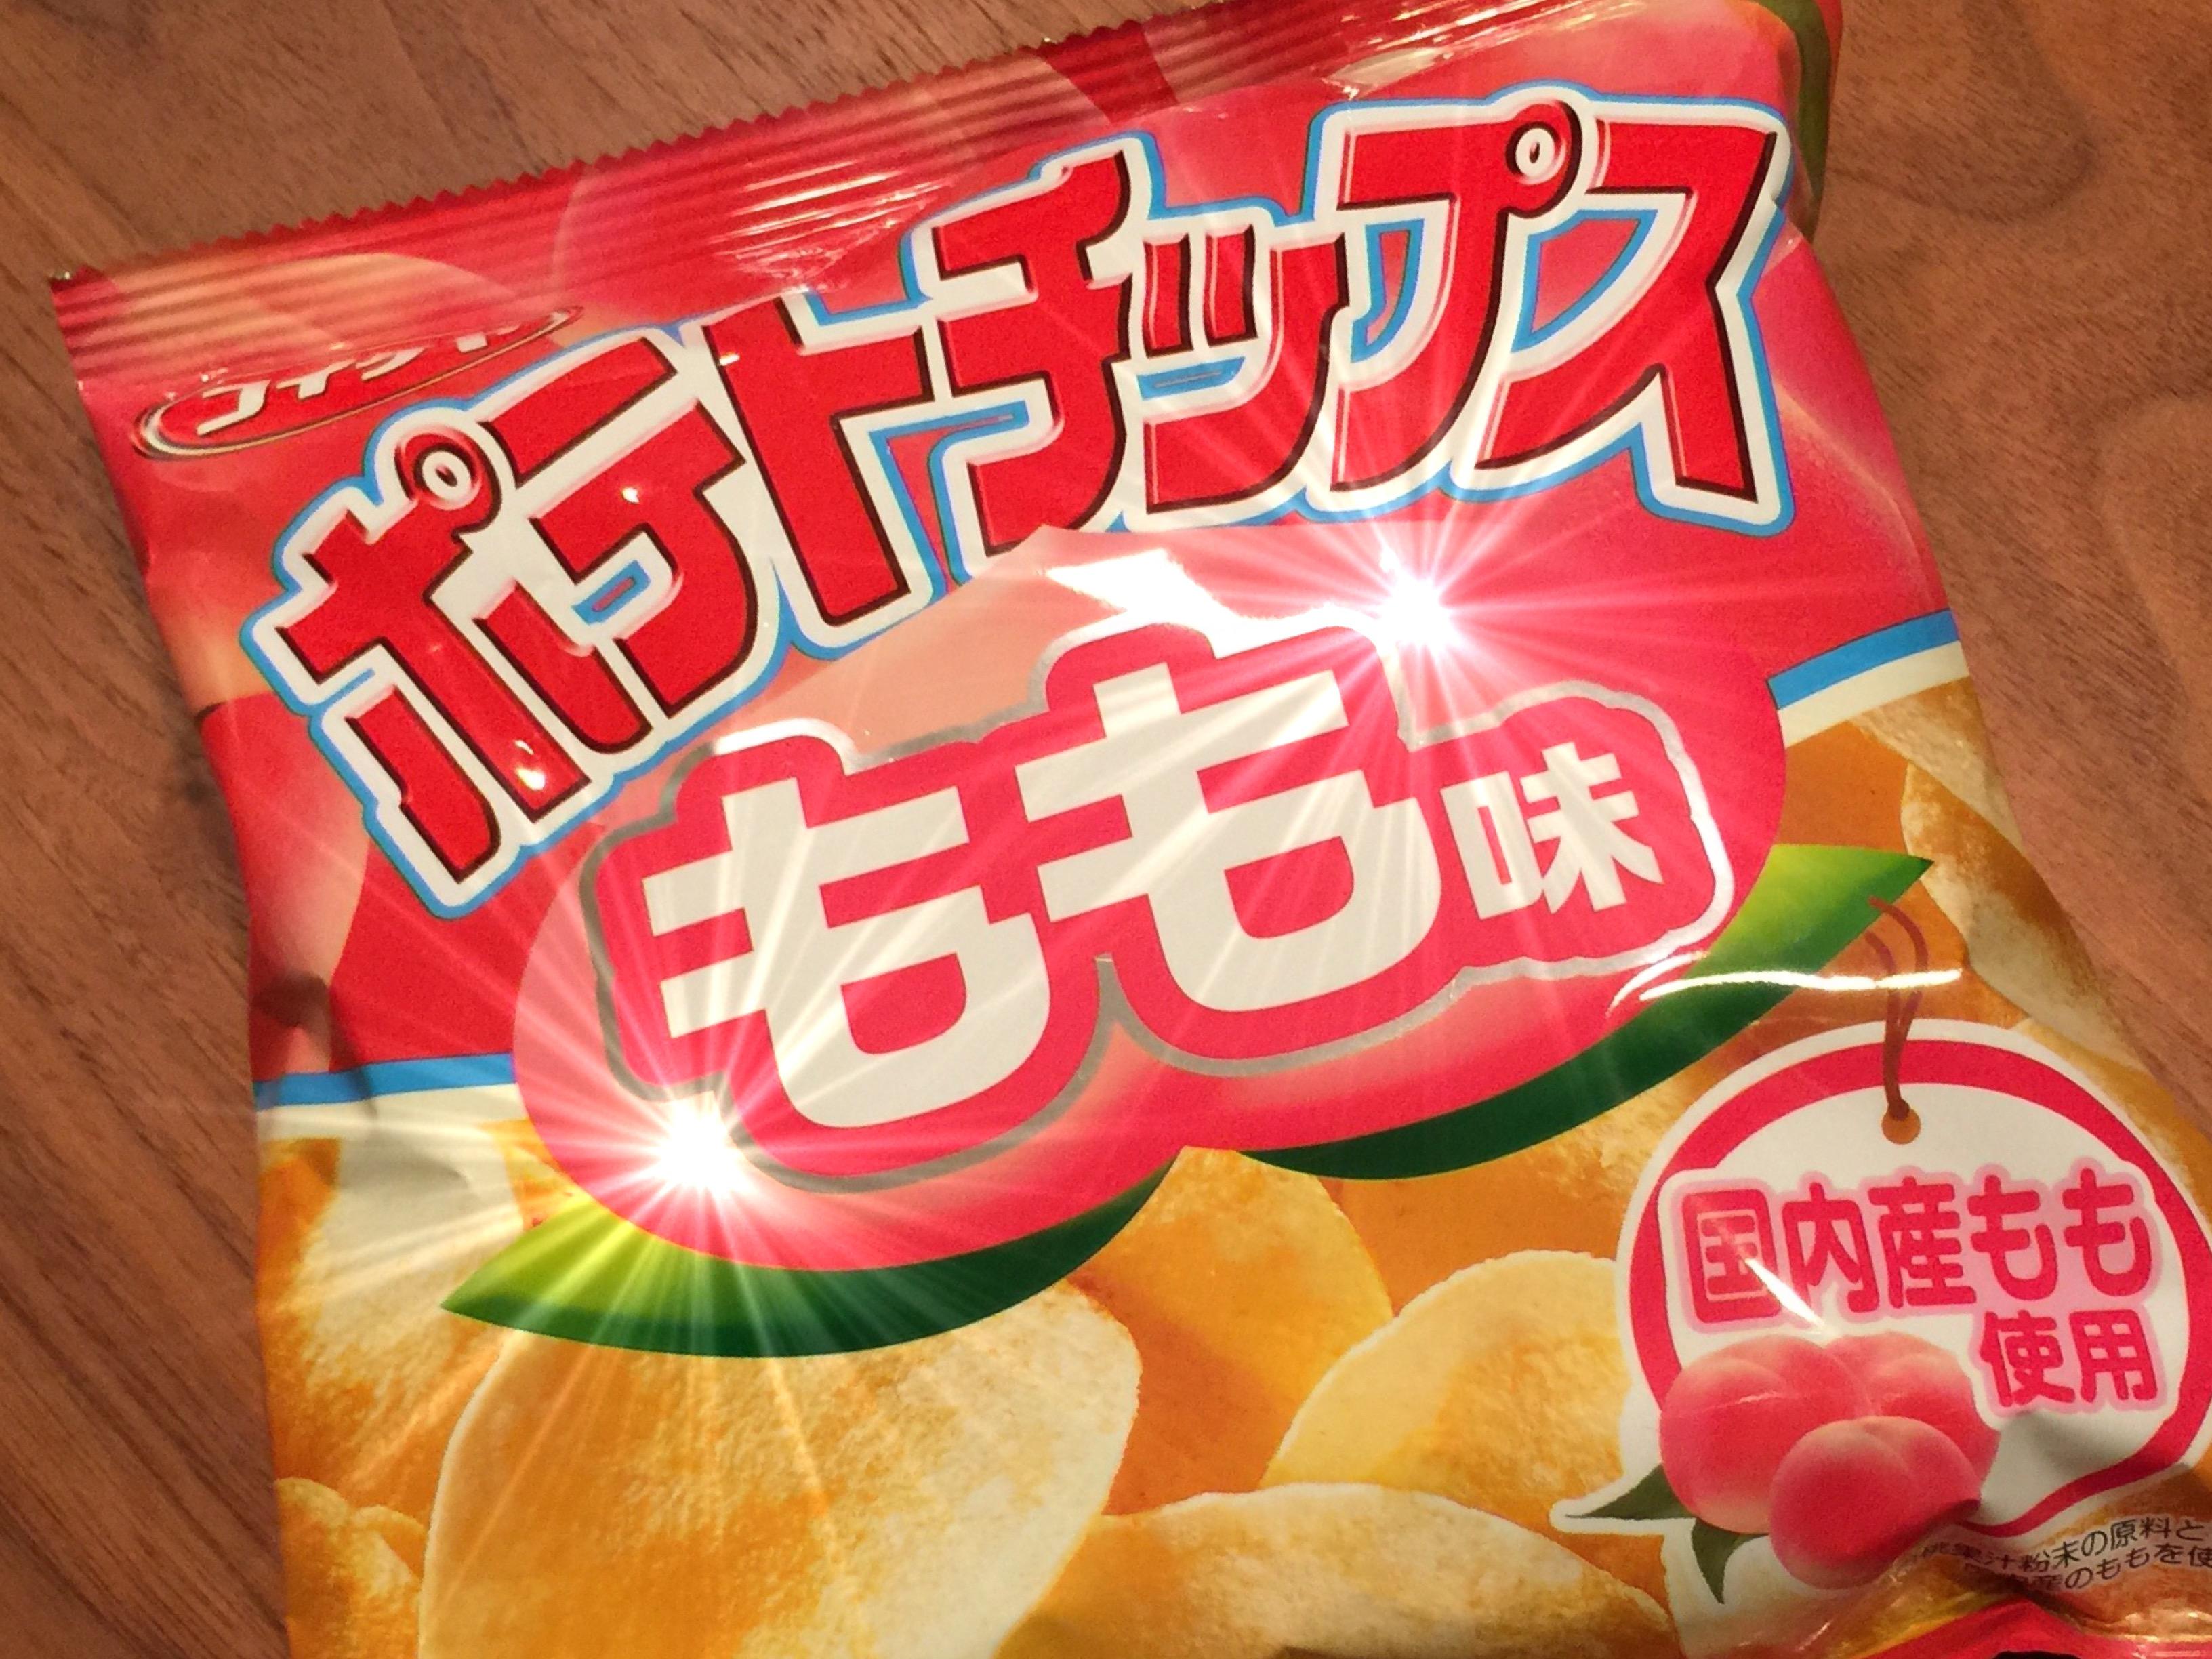 コイケヤの「もも味ポテチ」は誰向けなのか分かりますか?